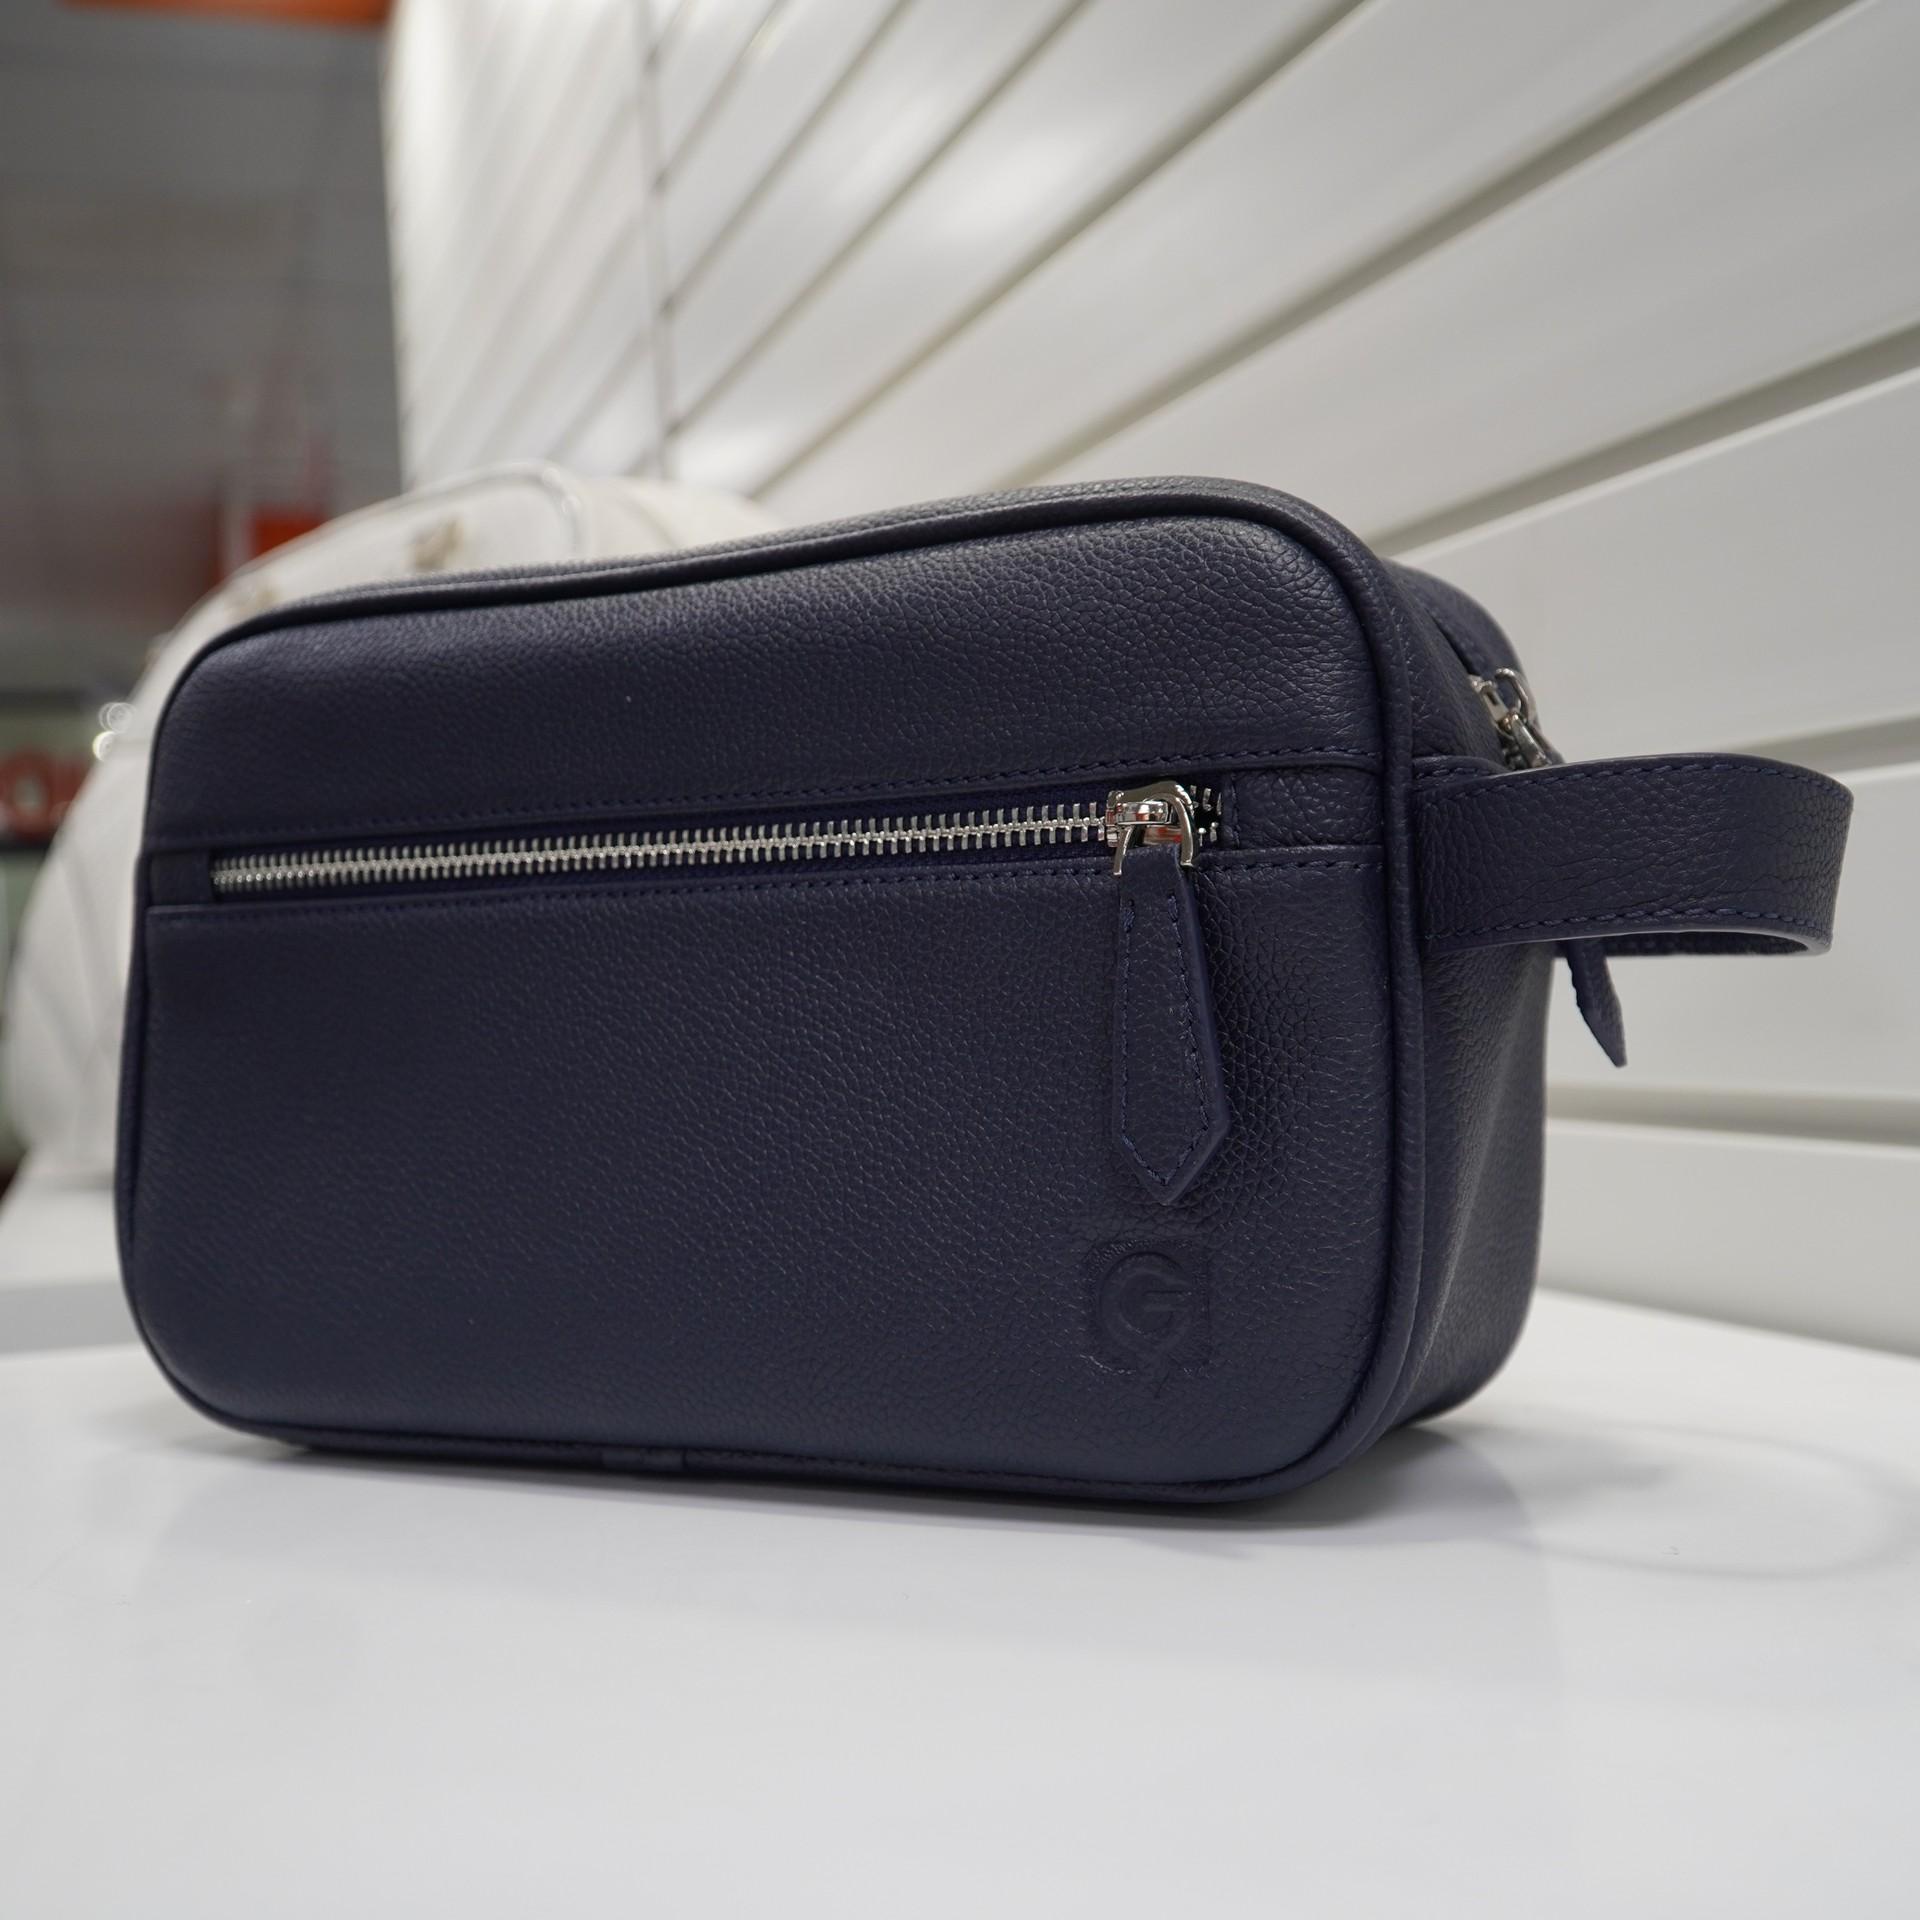 Túi cầm tay GolfGroup HBGGX08 2 ngăn quai ngang